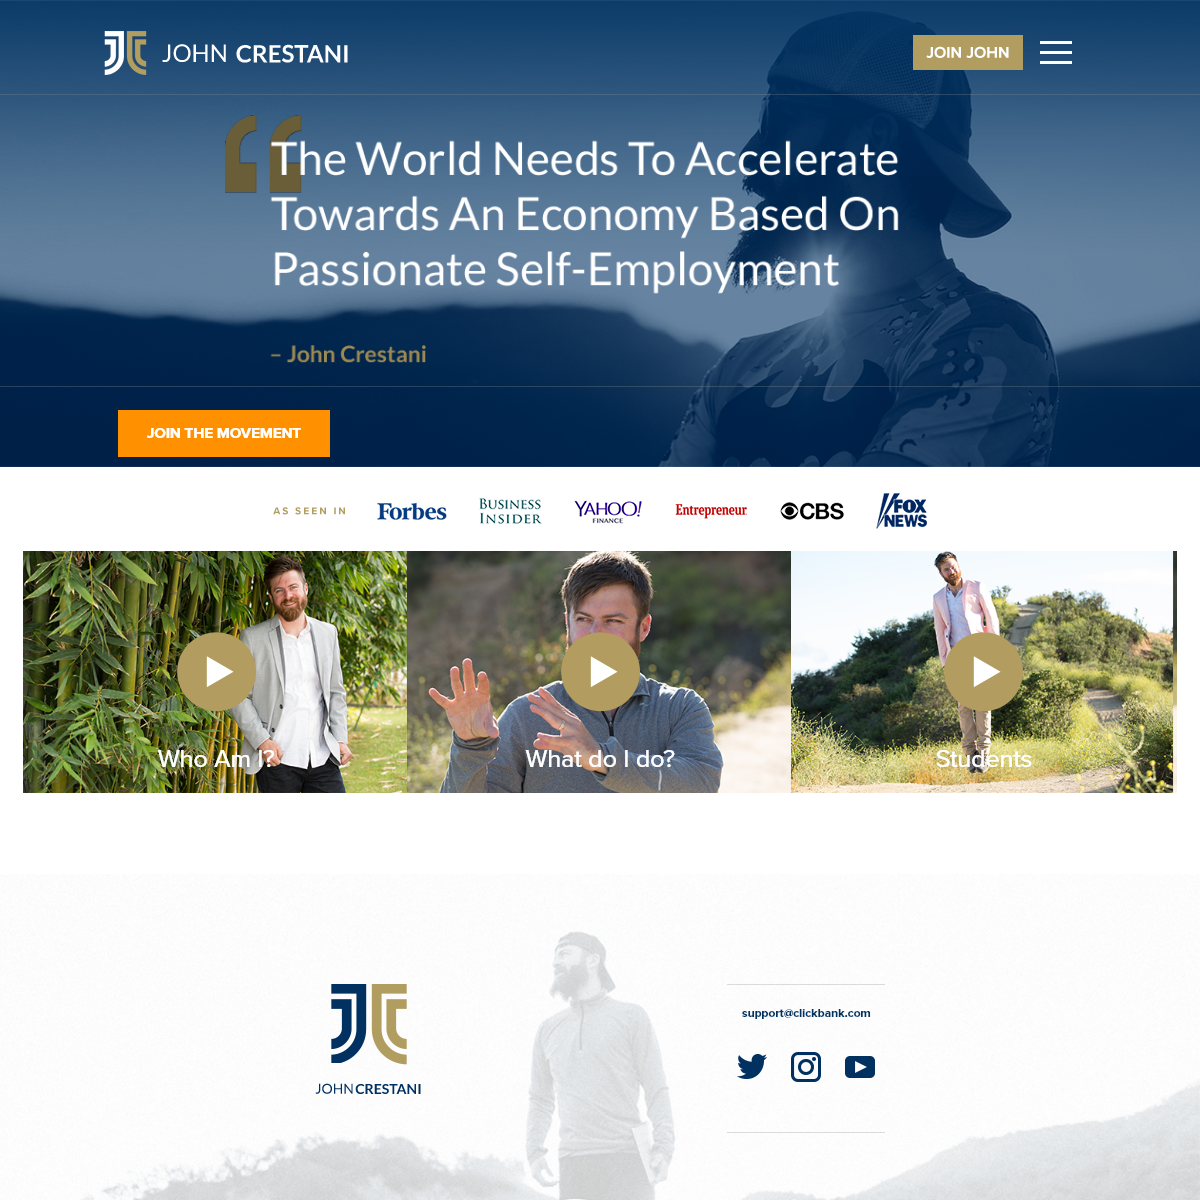 John Crestani - Internet Jetset - Affiliate Marketer - Digital Nomad